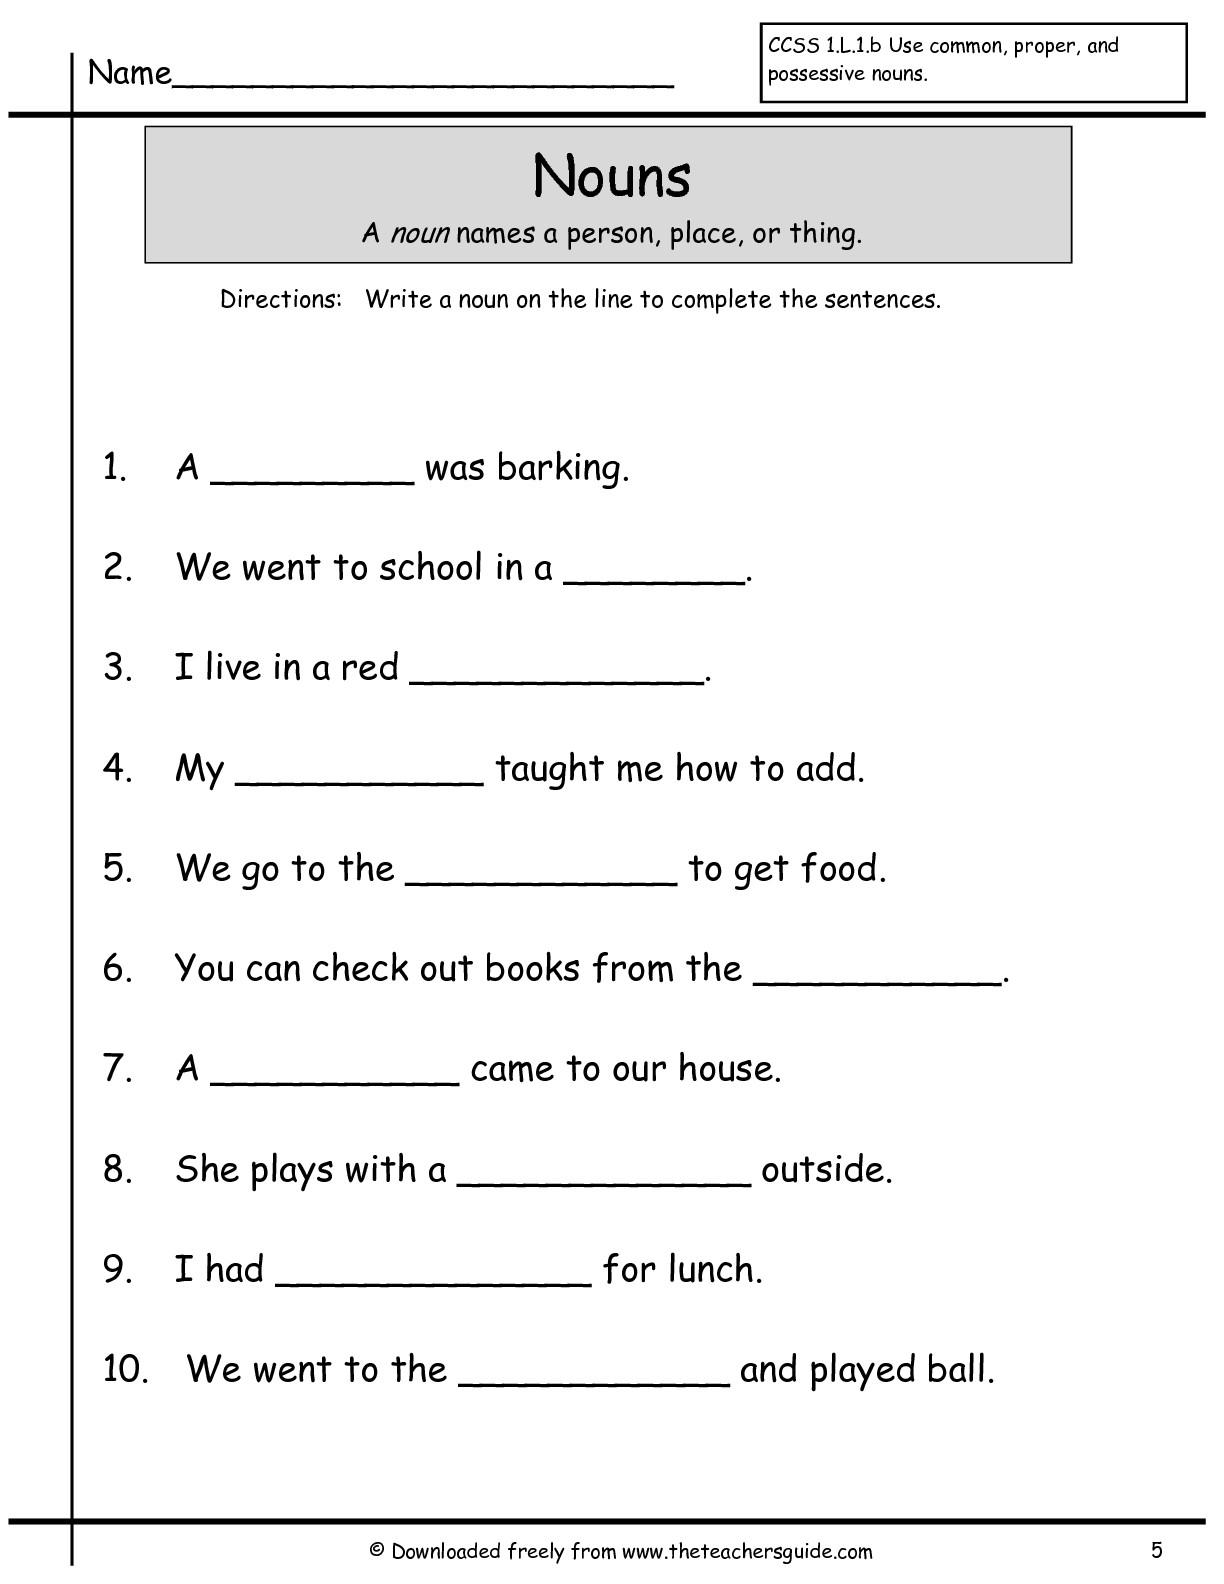 14 Best Images Of Grade 2 Social Stu S Worksheets